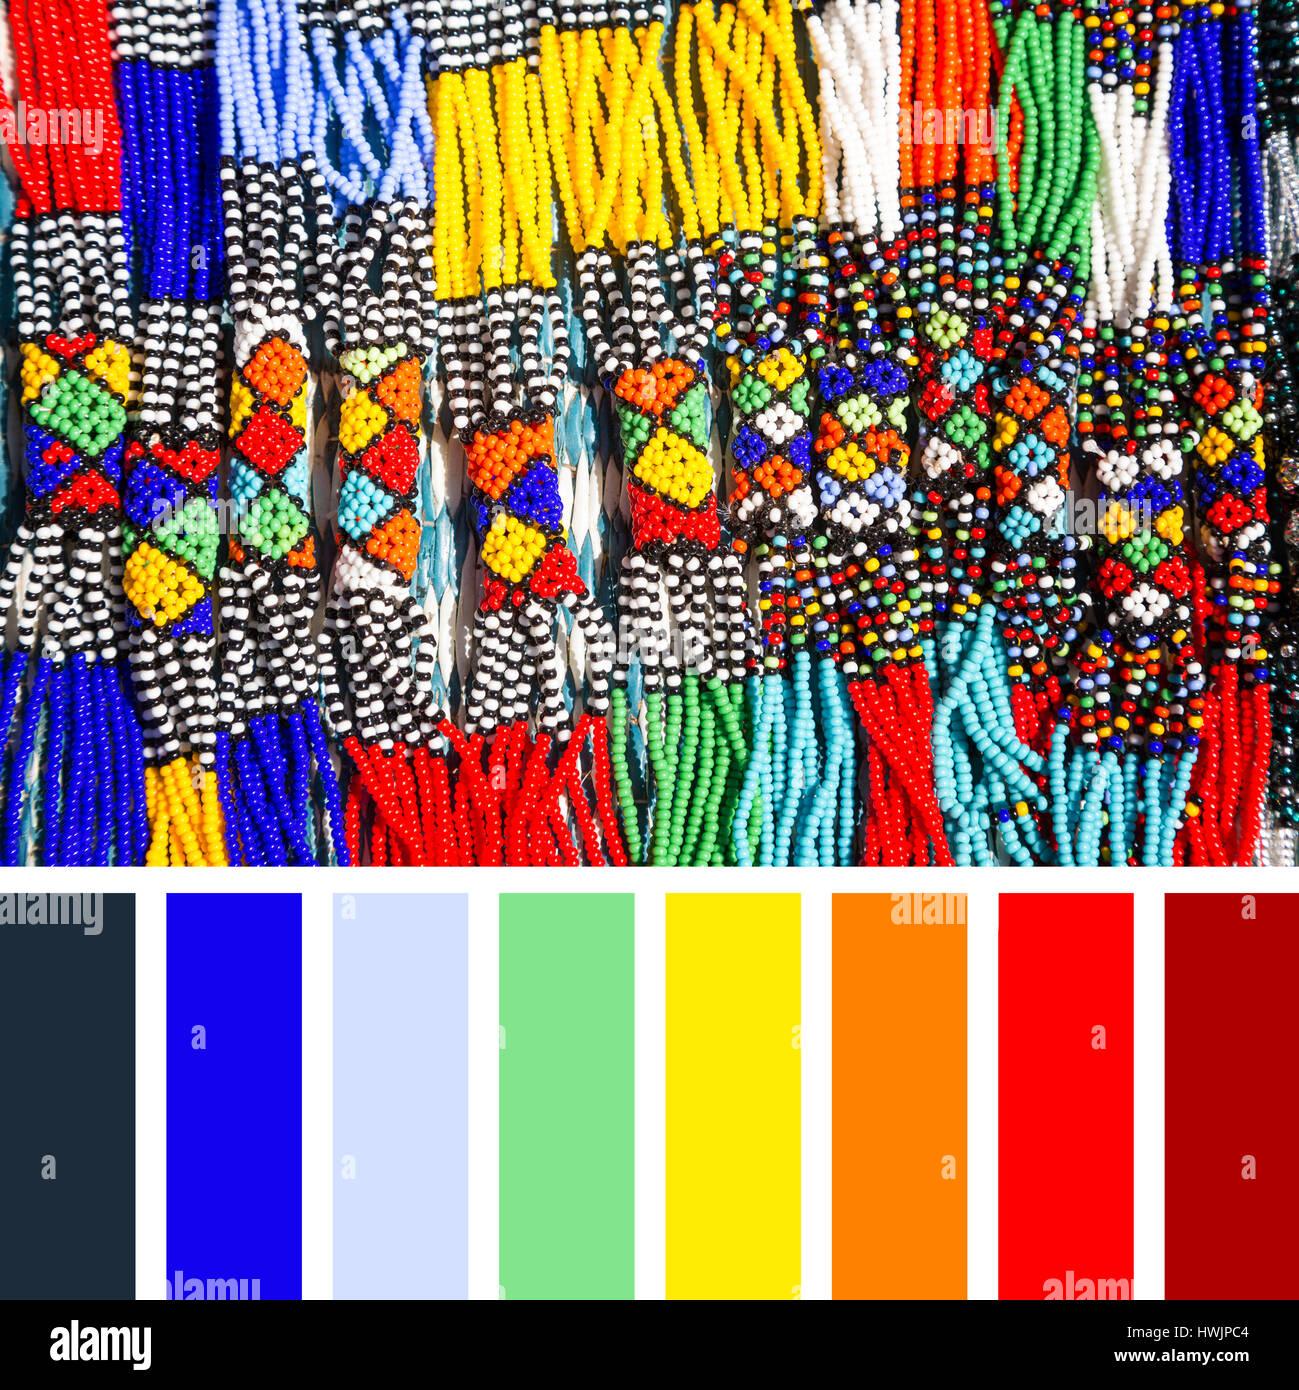 Tribale Africana Collane realizzate dal cordone di intricati lavori in colori luminosi. In una tavolozza di colori Immagini Stock